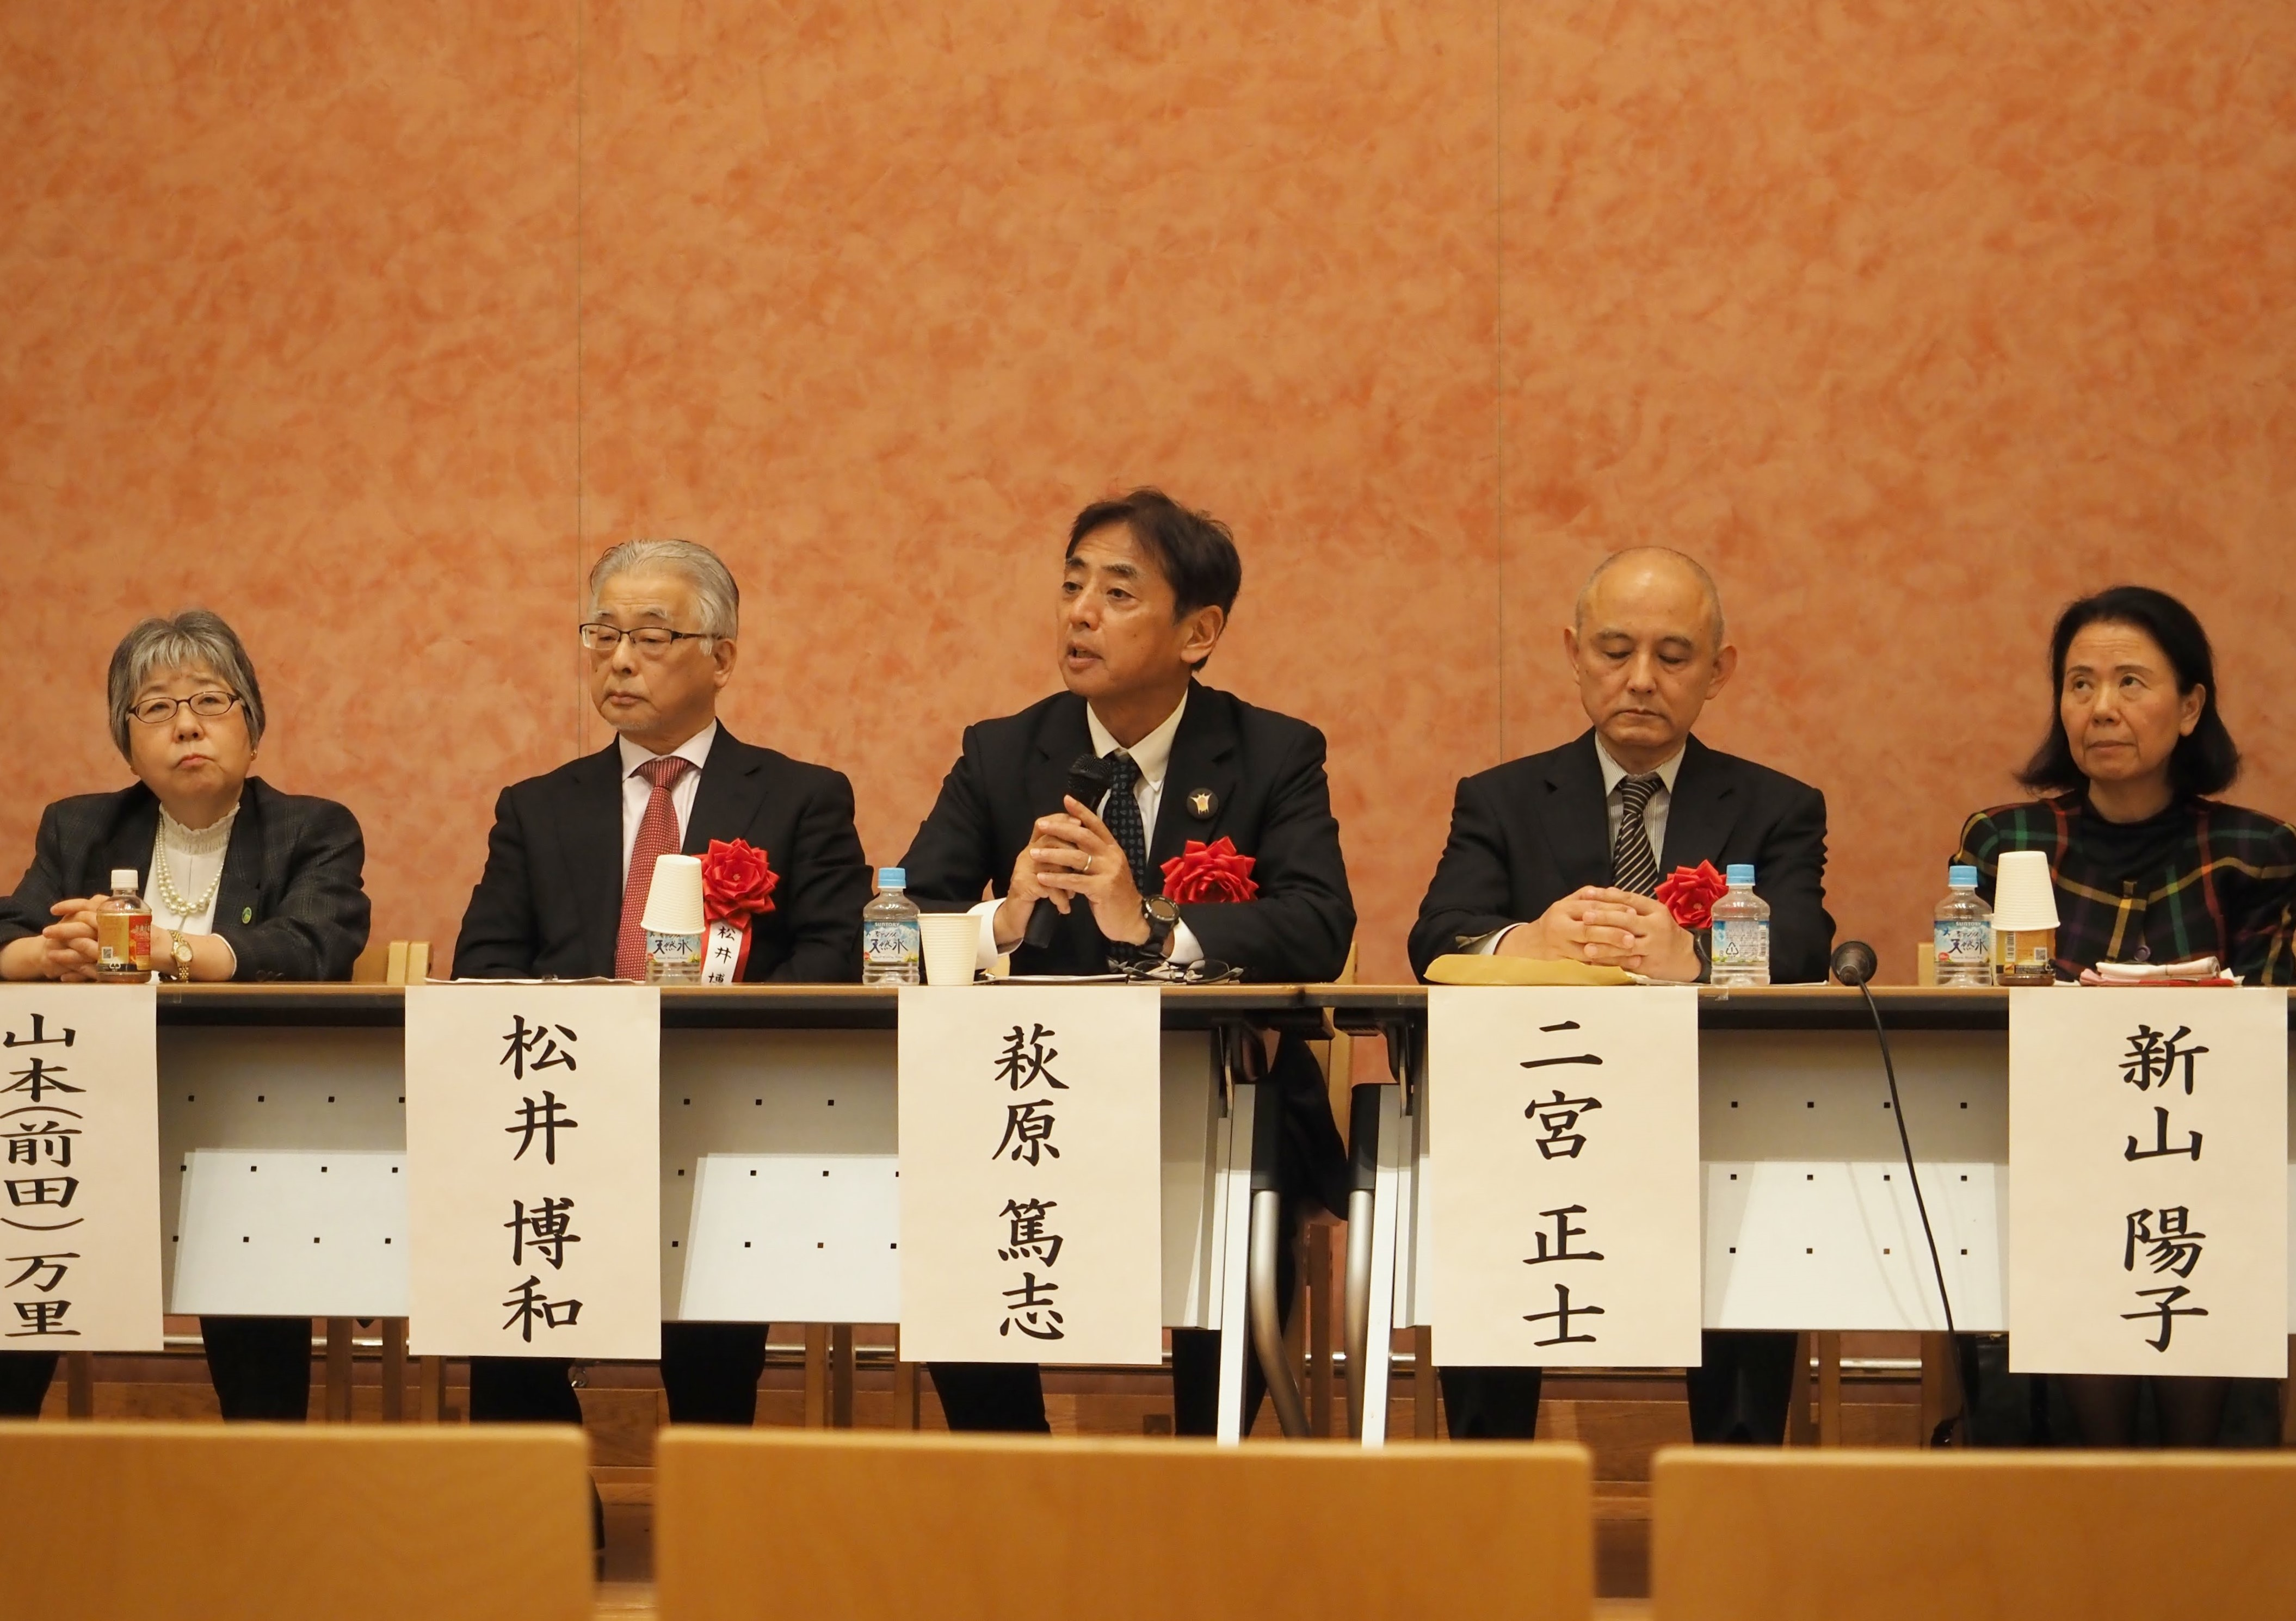 パネルディスカッションで意見を述べる萩原教授(中央)